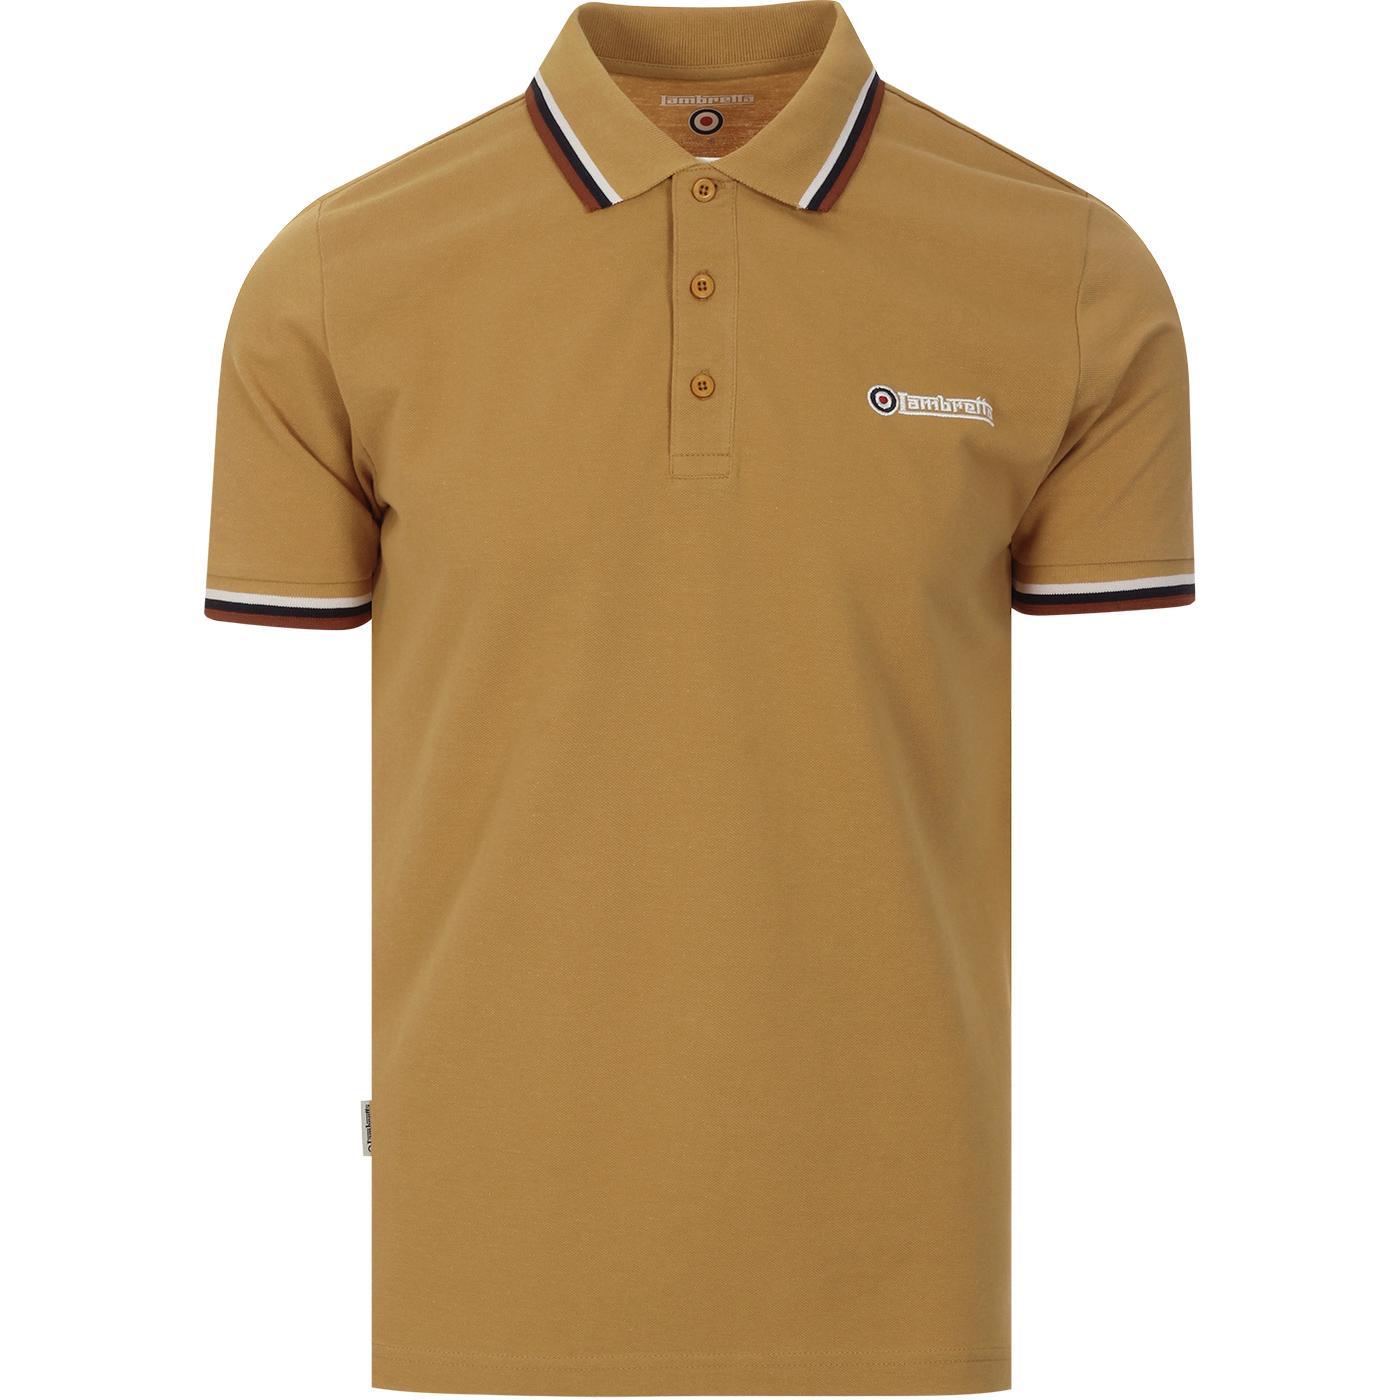 LAMBRETTA Triple Tipped Mod Pique Polo Shirt (Tan)